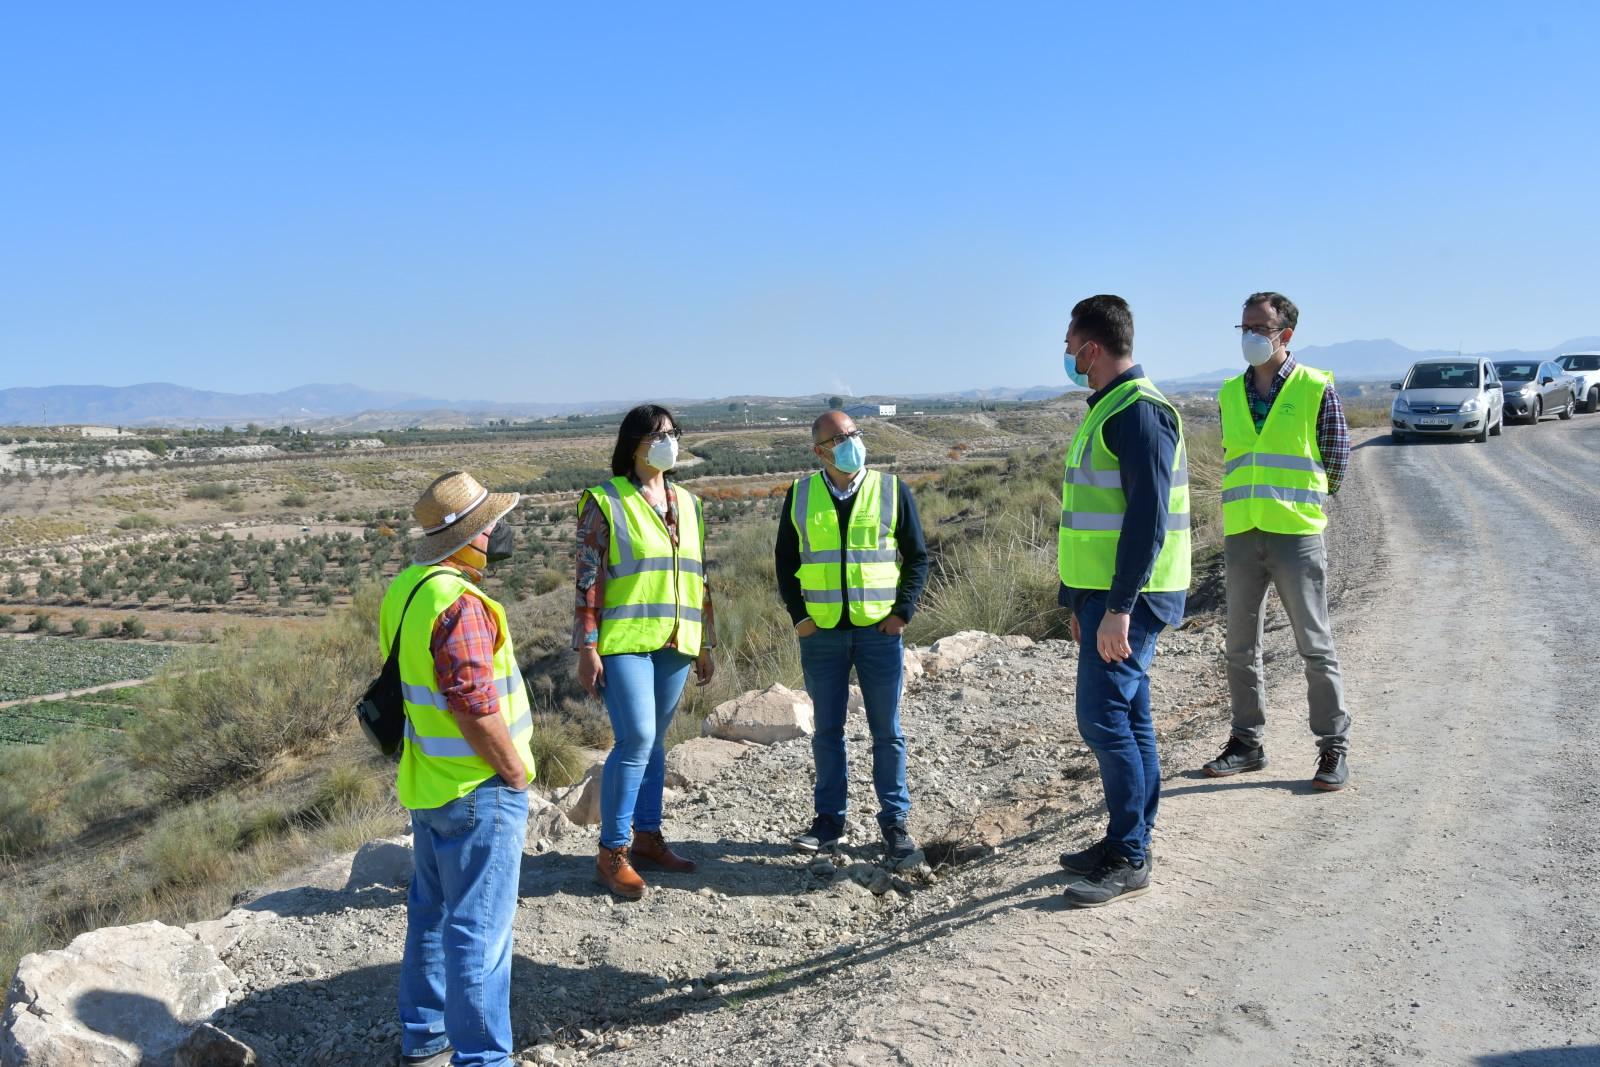 La Junta supervisa las obras de acondicionamiento del camino rural Cortes de Baza – Cuevas del negro – Canal de Jabalcón en Benamaurel